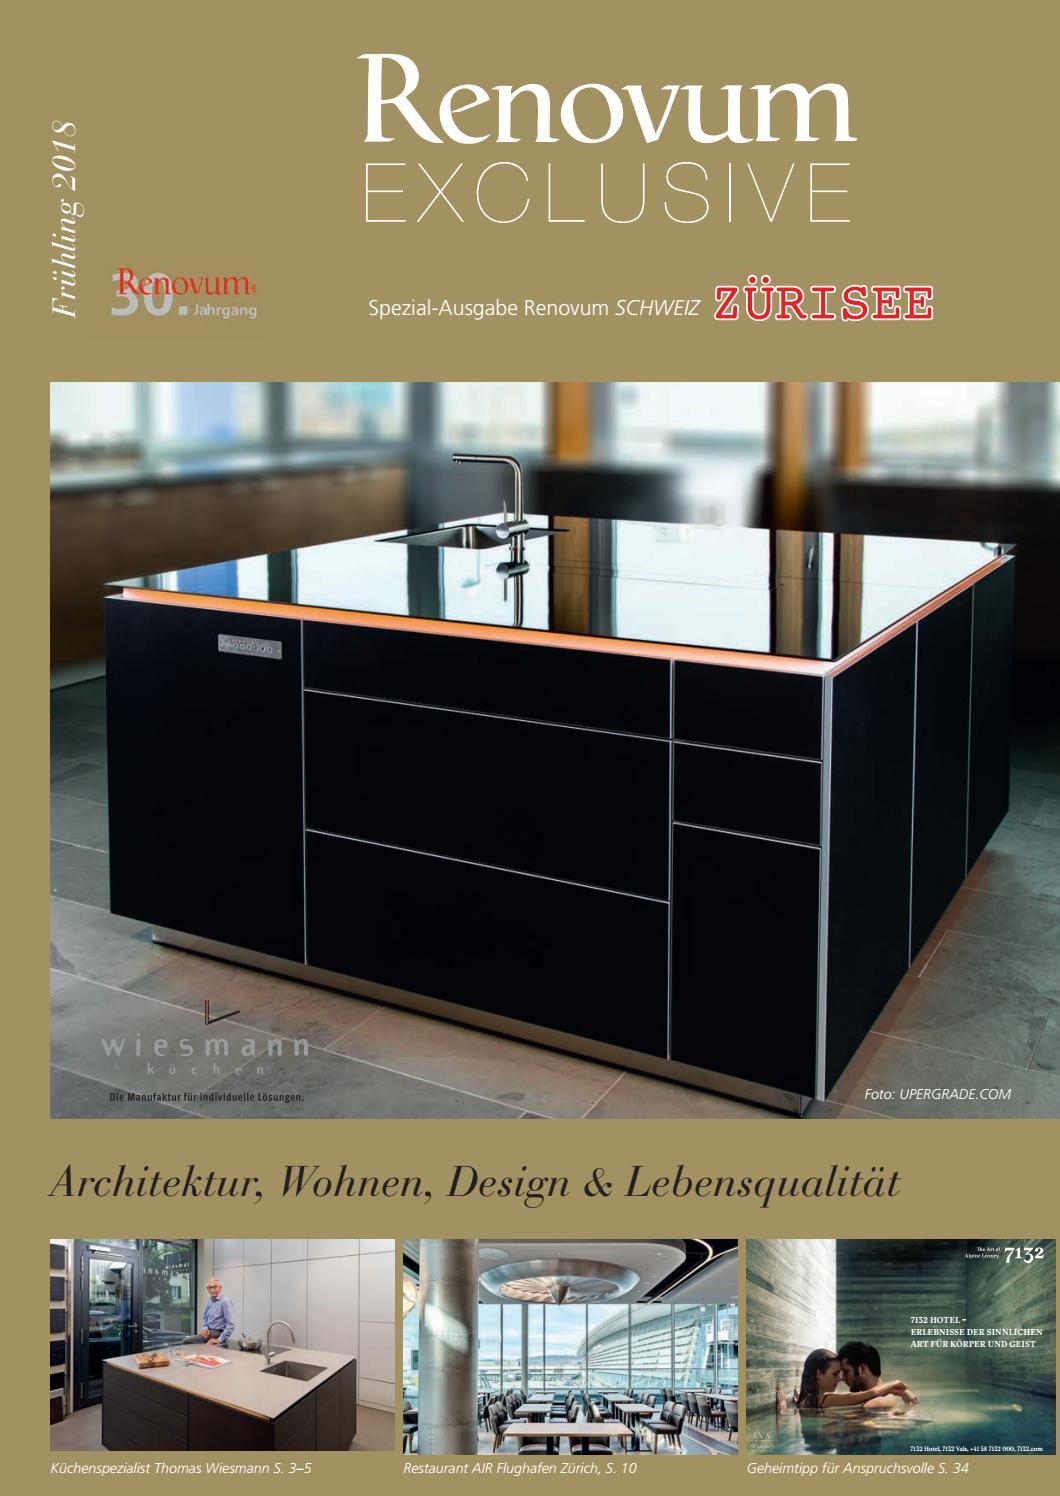 Renovum exclusive zuerisee 1 by peko marketing - issuu